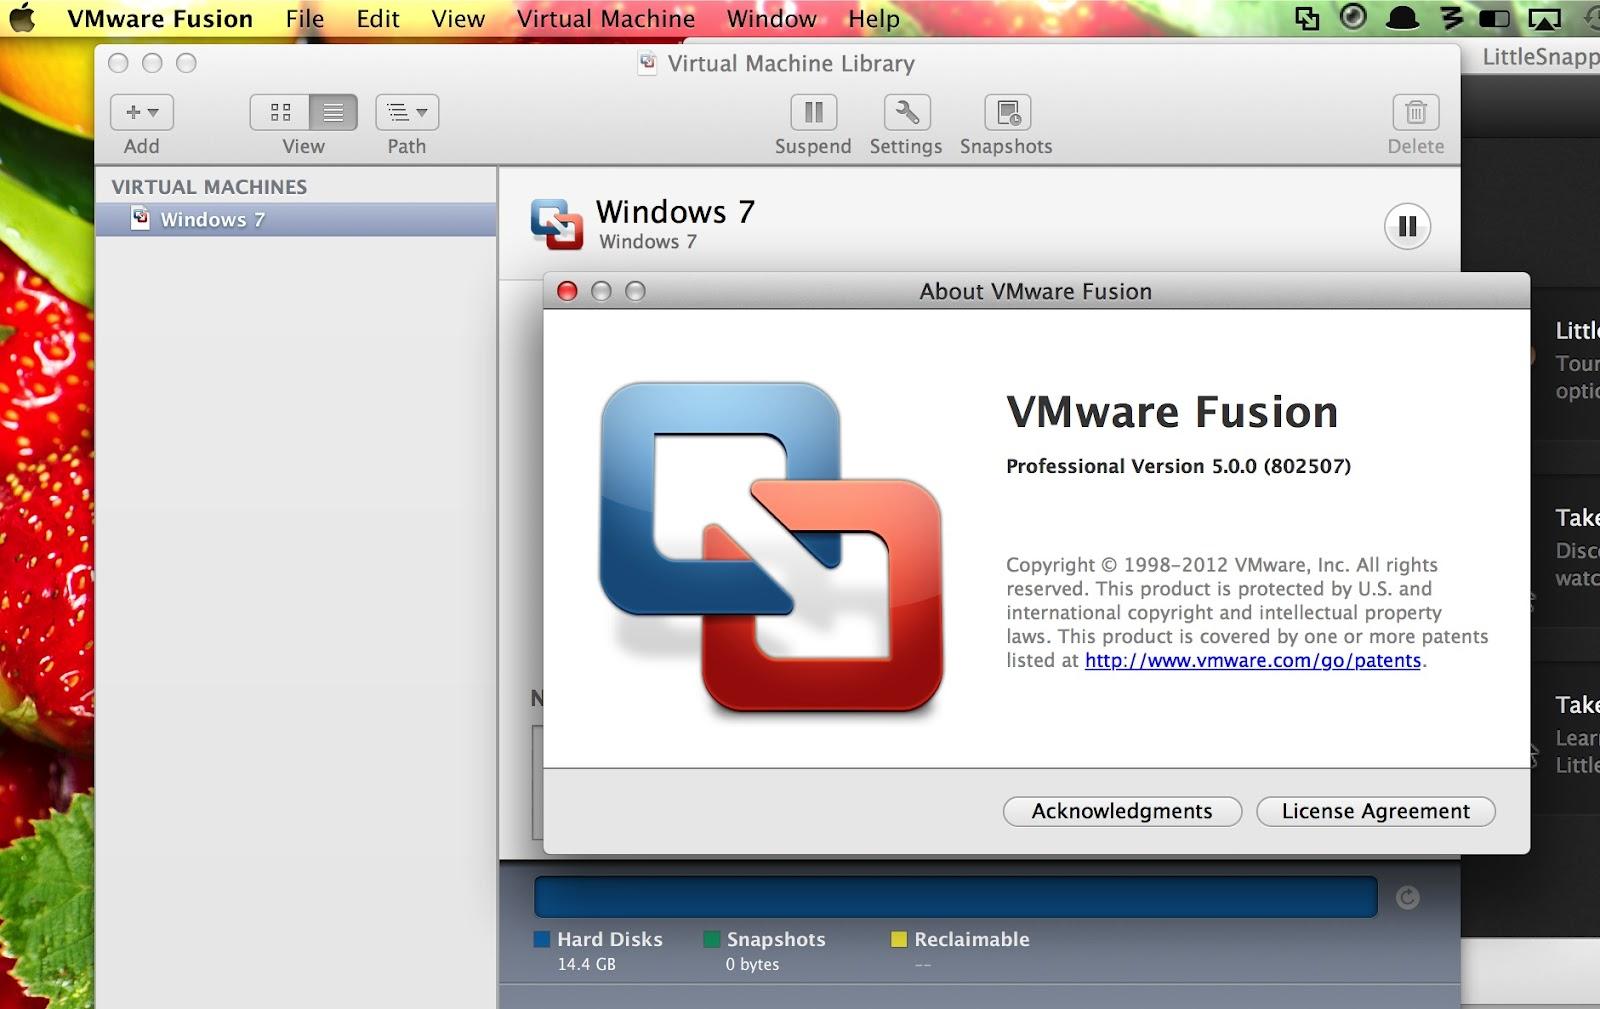 vmware fusion usb 3.0